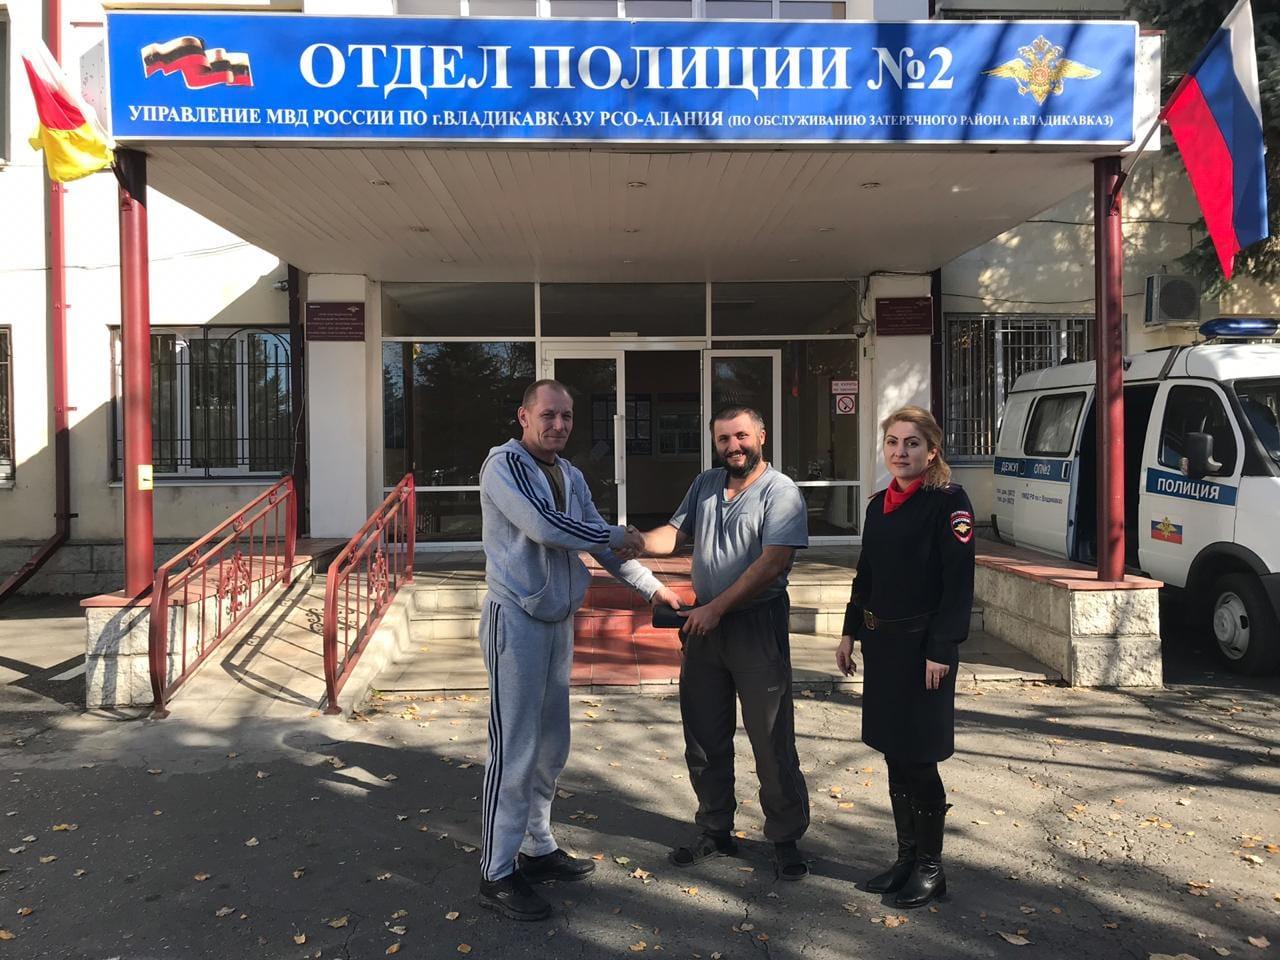 Во Владикавказе молодой человек принес в отдел полиции найденную борсетку с деньгами